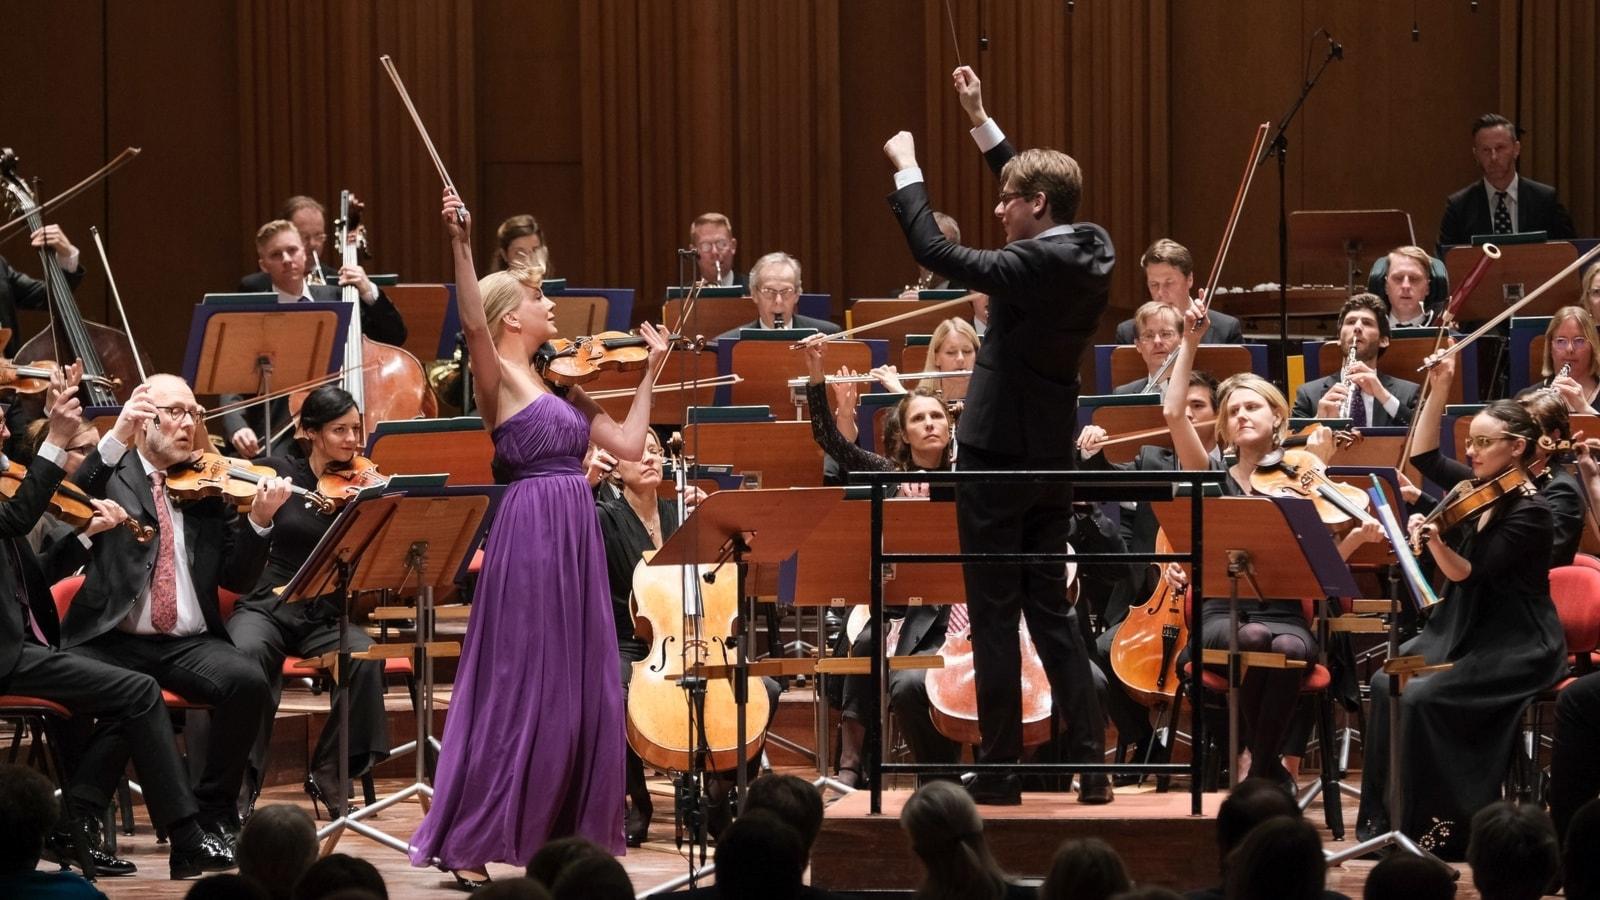 KONSERT: Korngold och Sjostakovitj med Elina Vähälä och Klaus Mäkelä